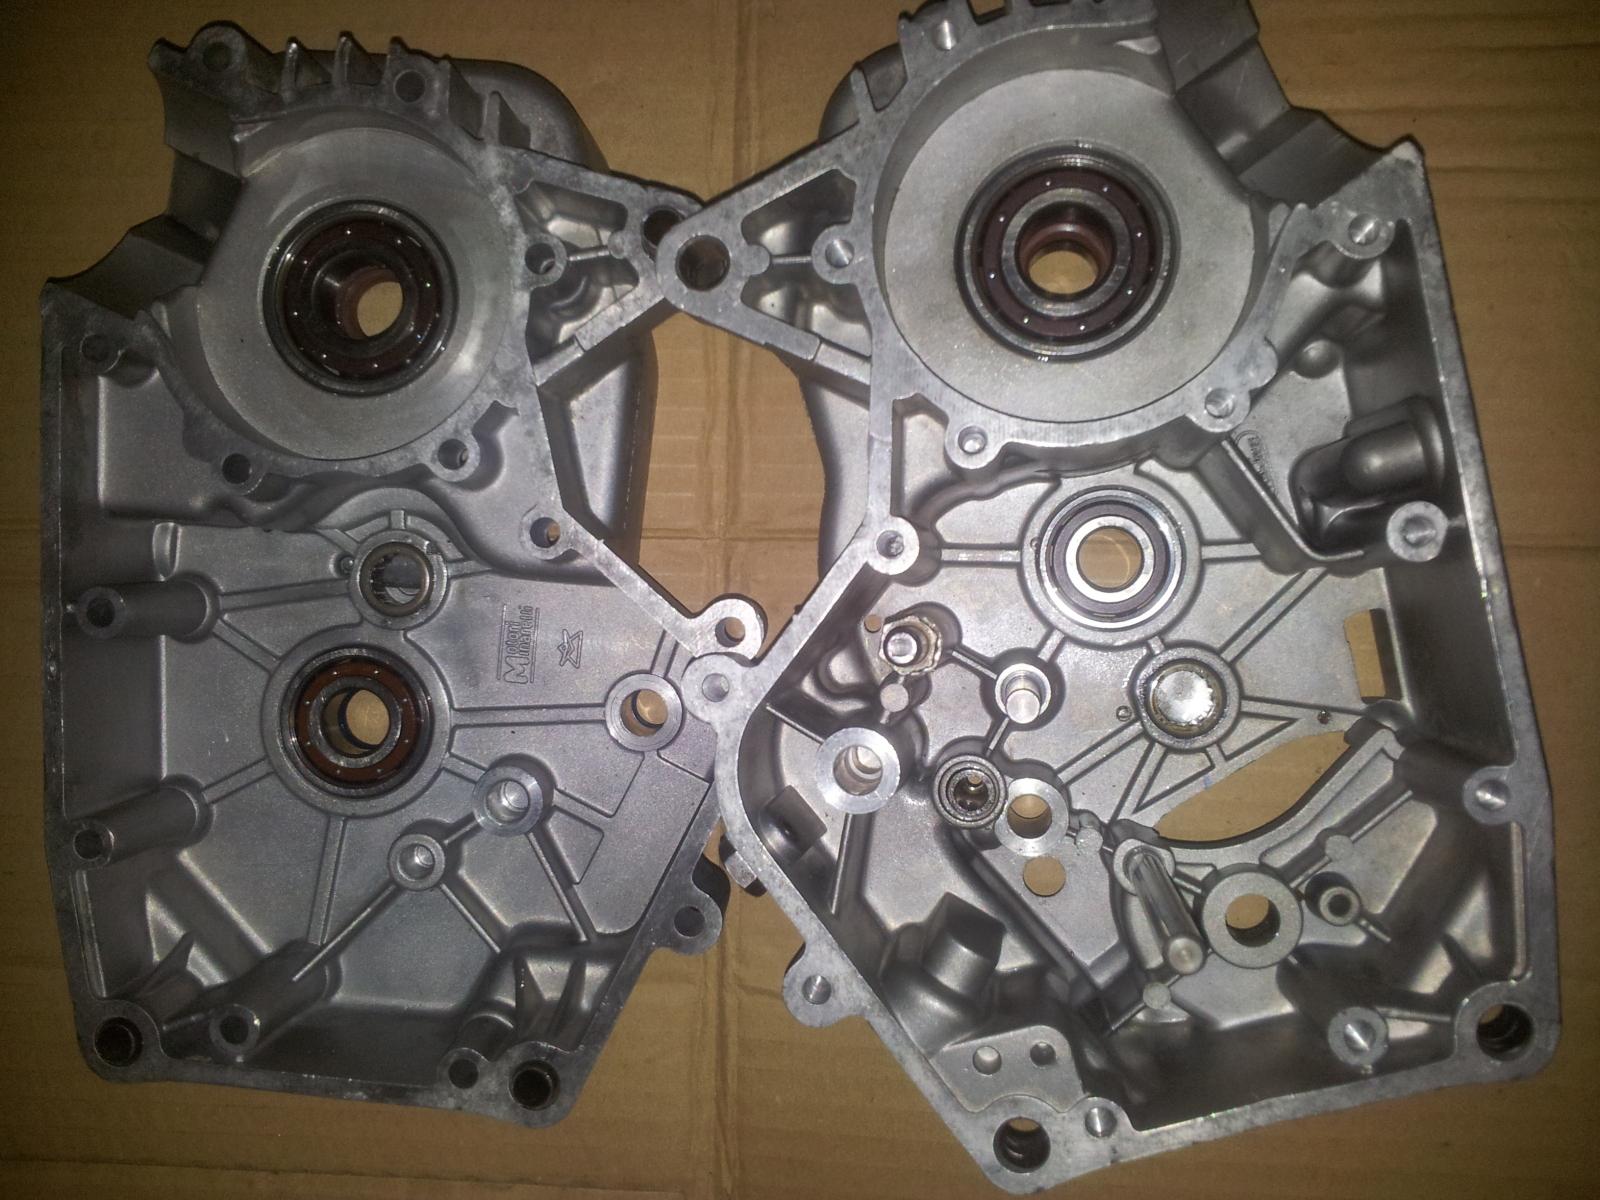 encendido - Mejoras en motores P3 P4 RV4 DL P6 K6... - Página 5 2ajrg5h